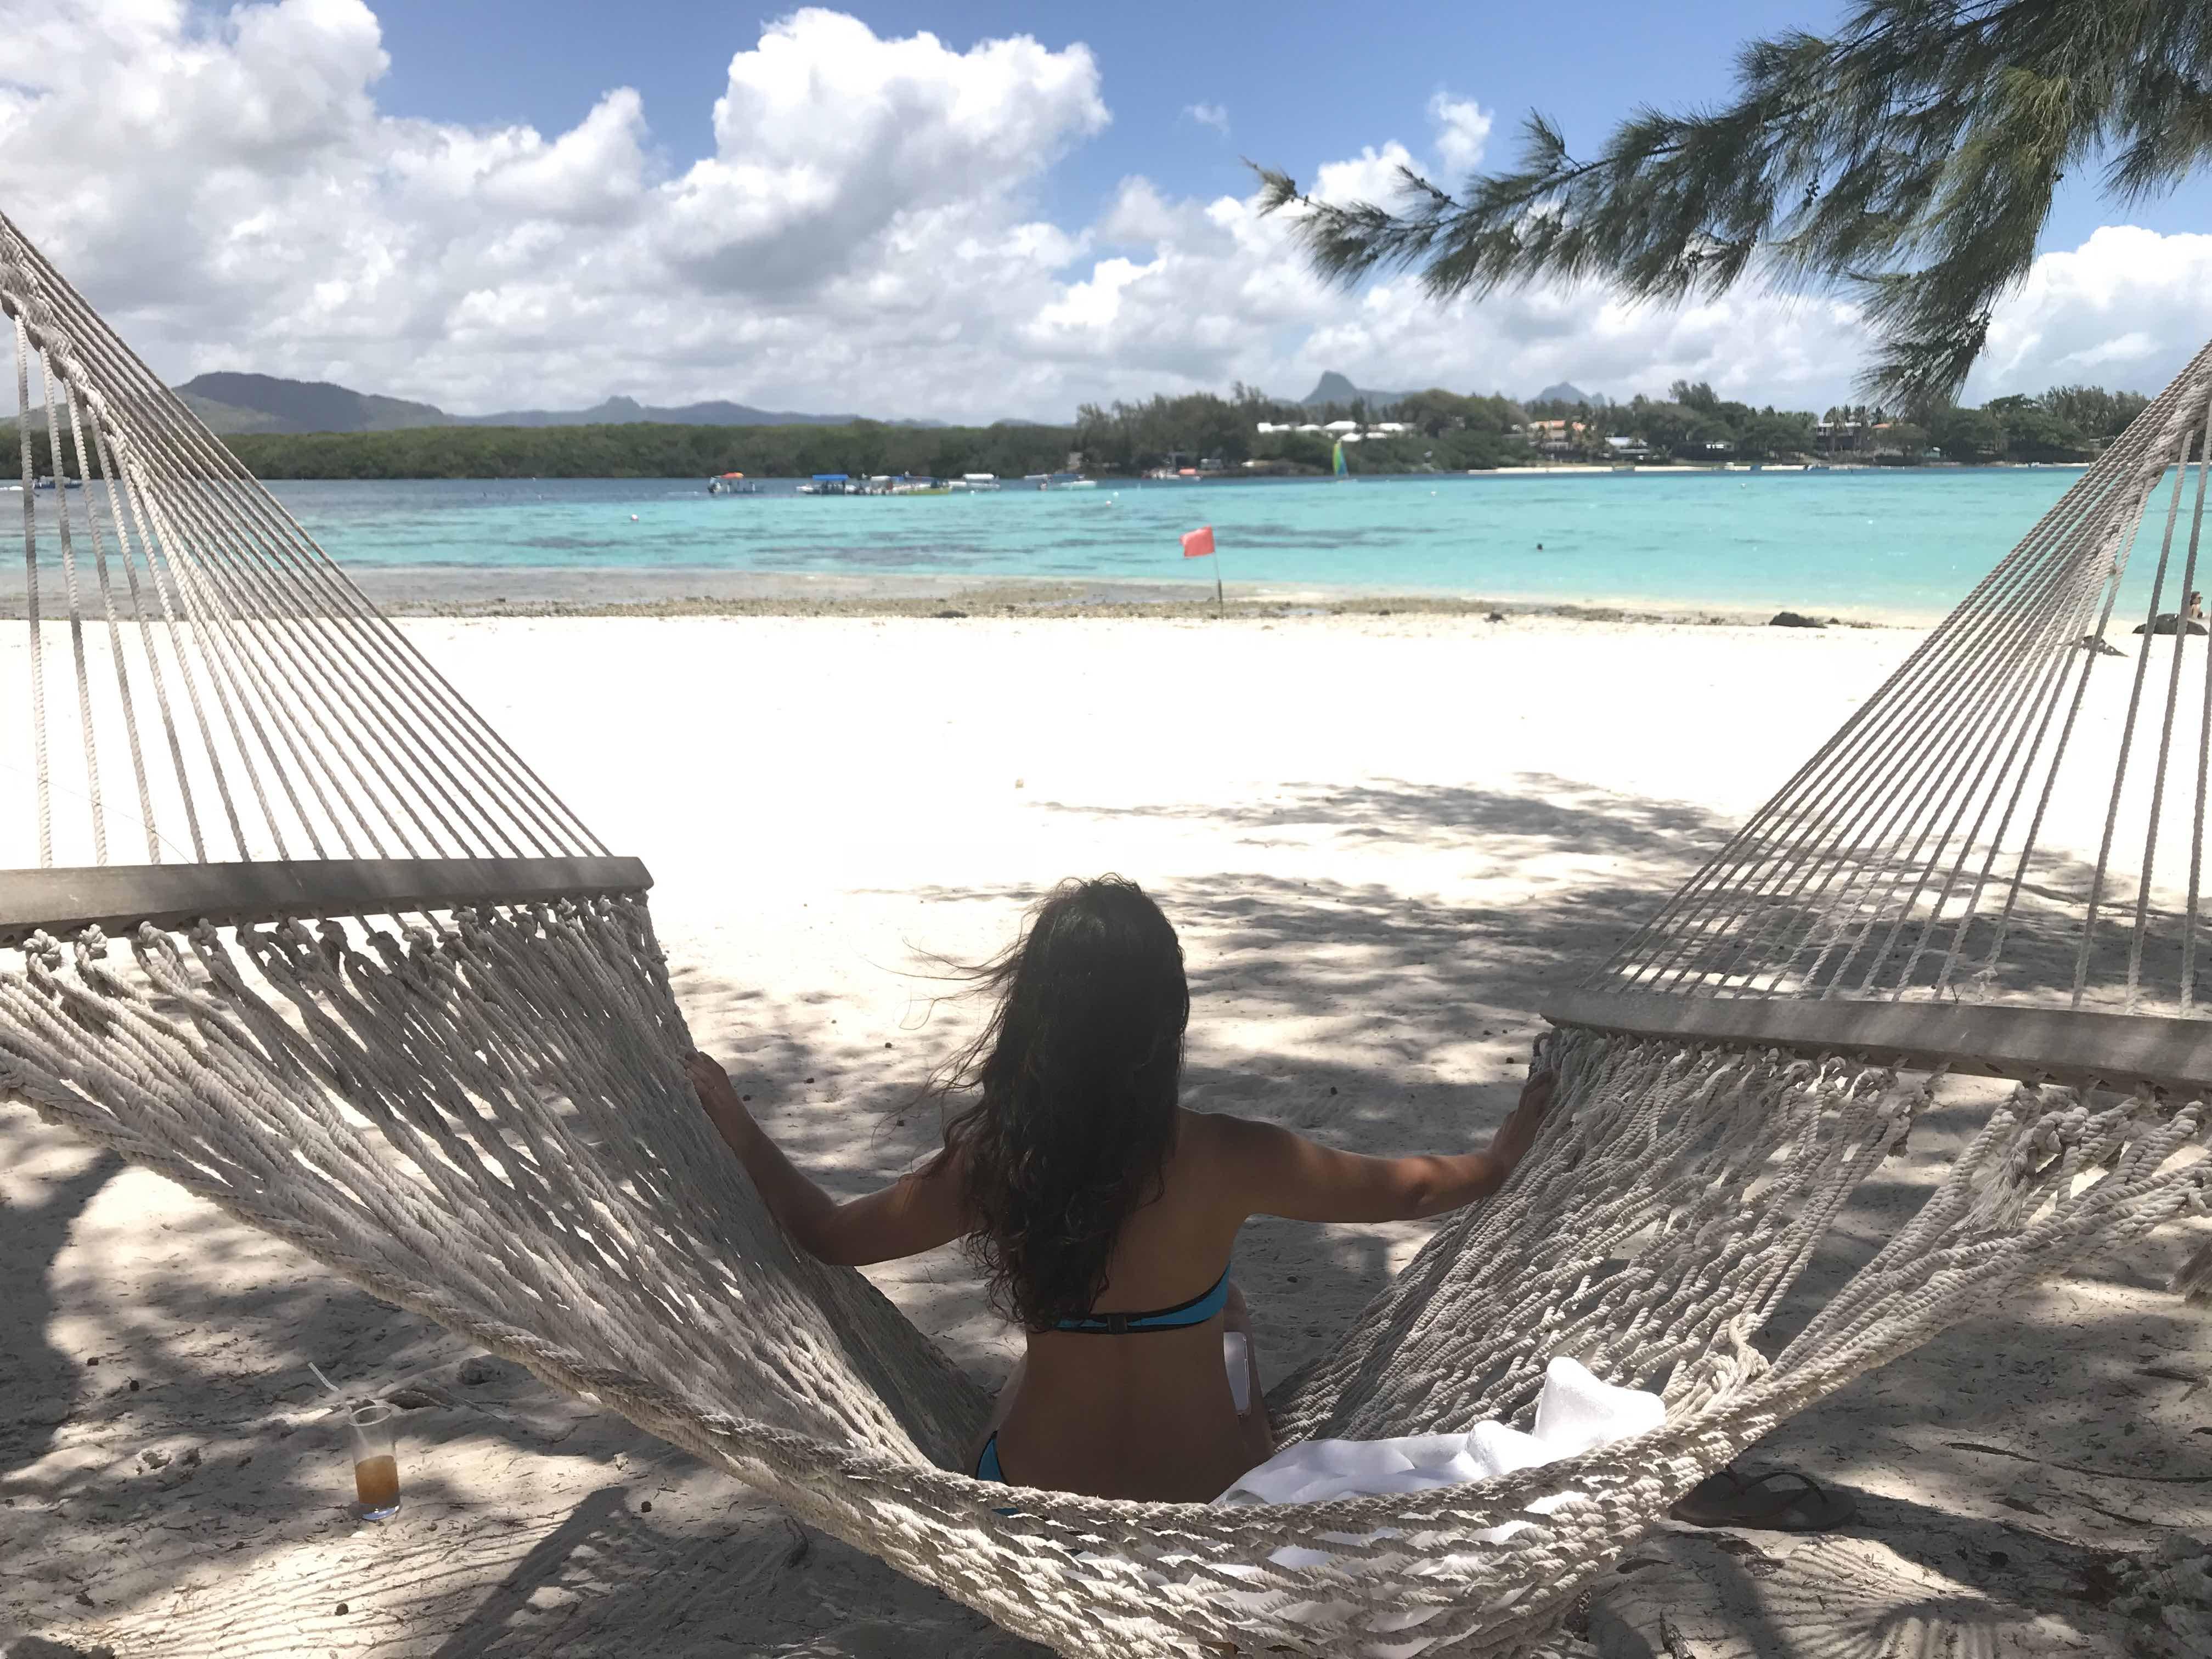 """Visiter """"Maurice autrement"""" : 4 jours sur l'île soeur, mon itinéraire"""